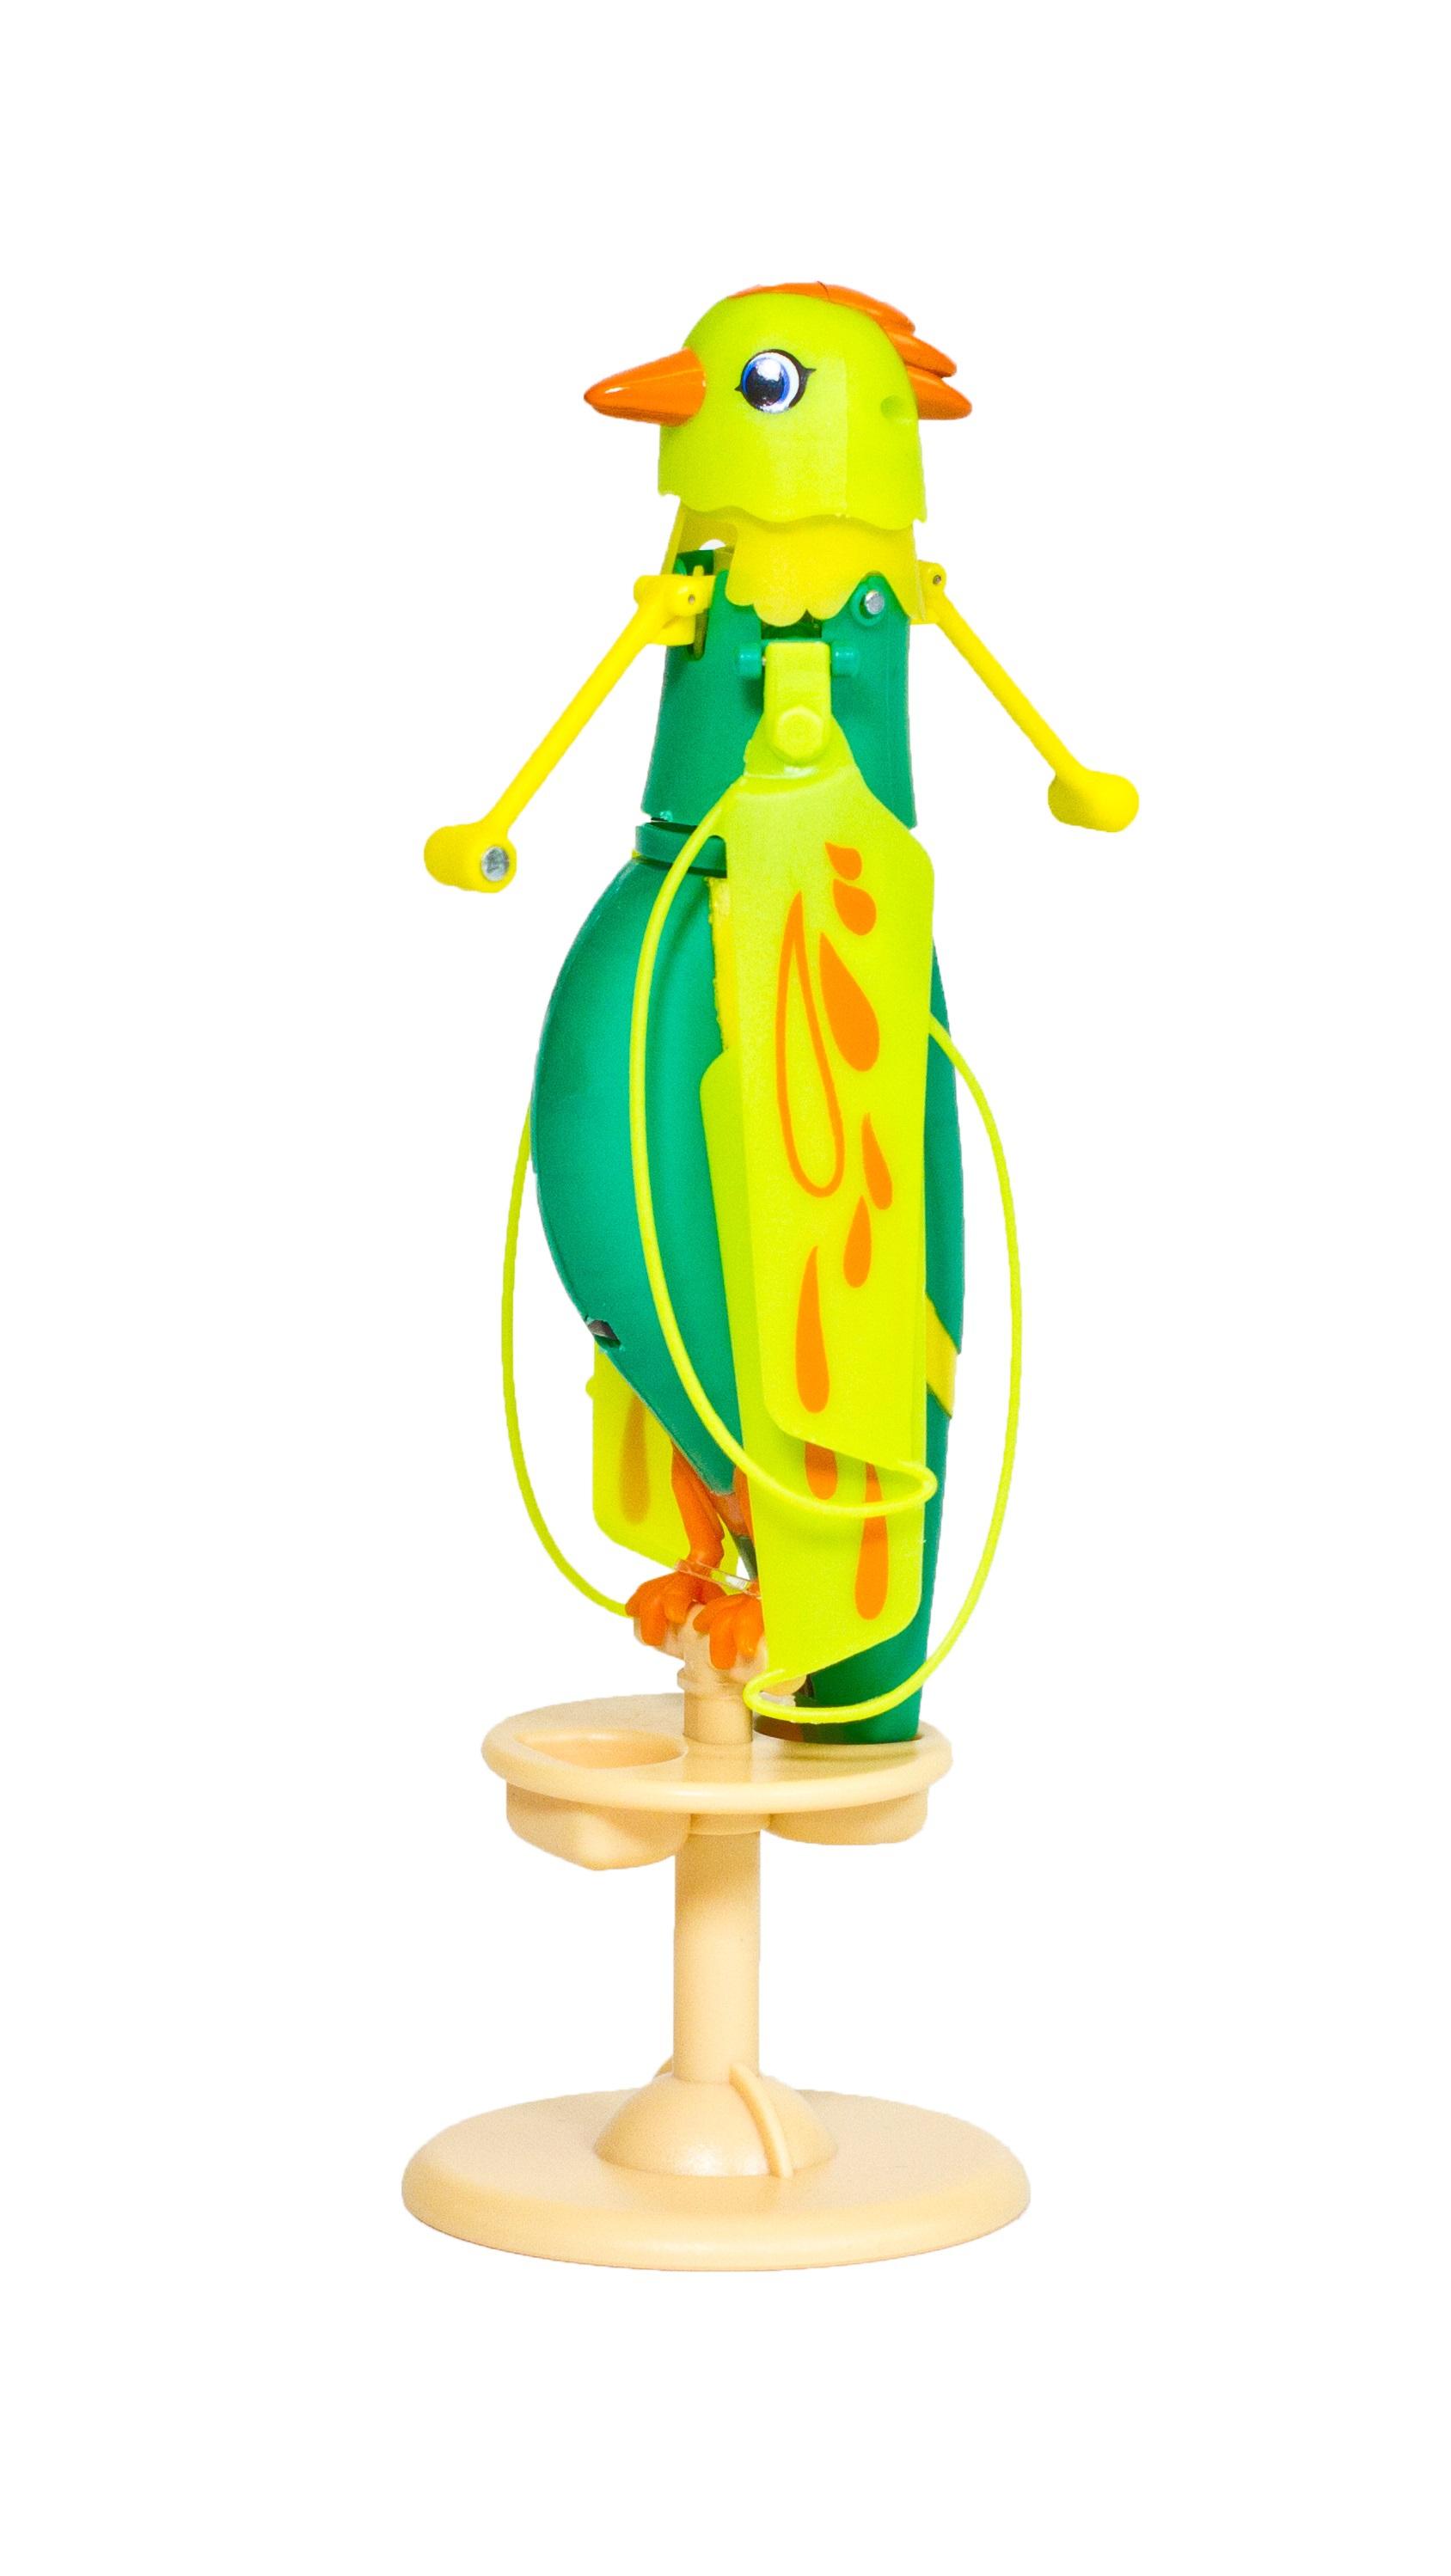 Интерактивная игрушка Zippi Pets Летающая птичка